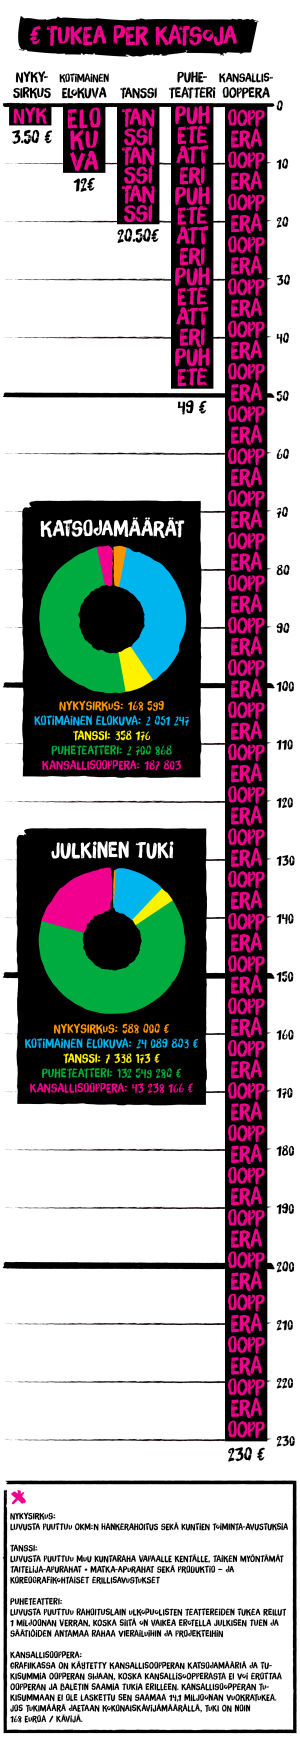 Tilastografiikka, kulttuurin katsojamäärät, 2014